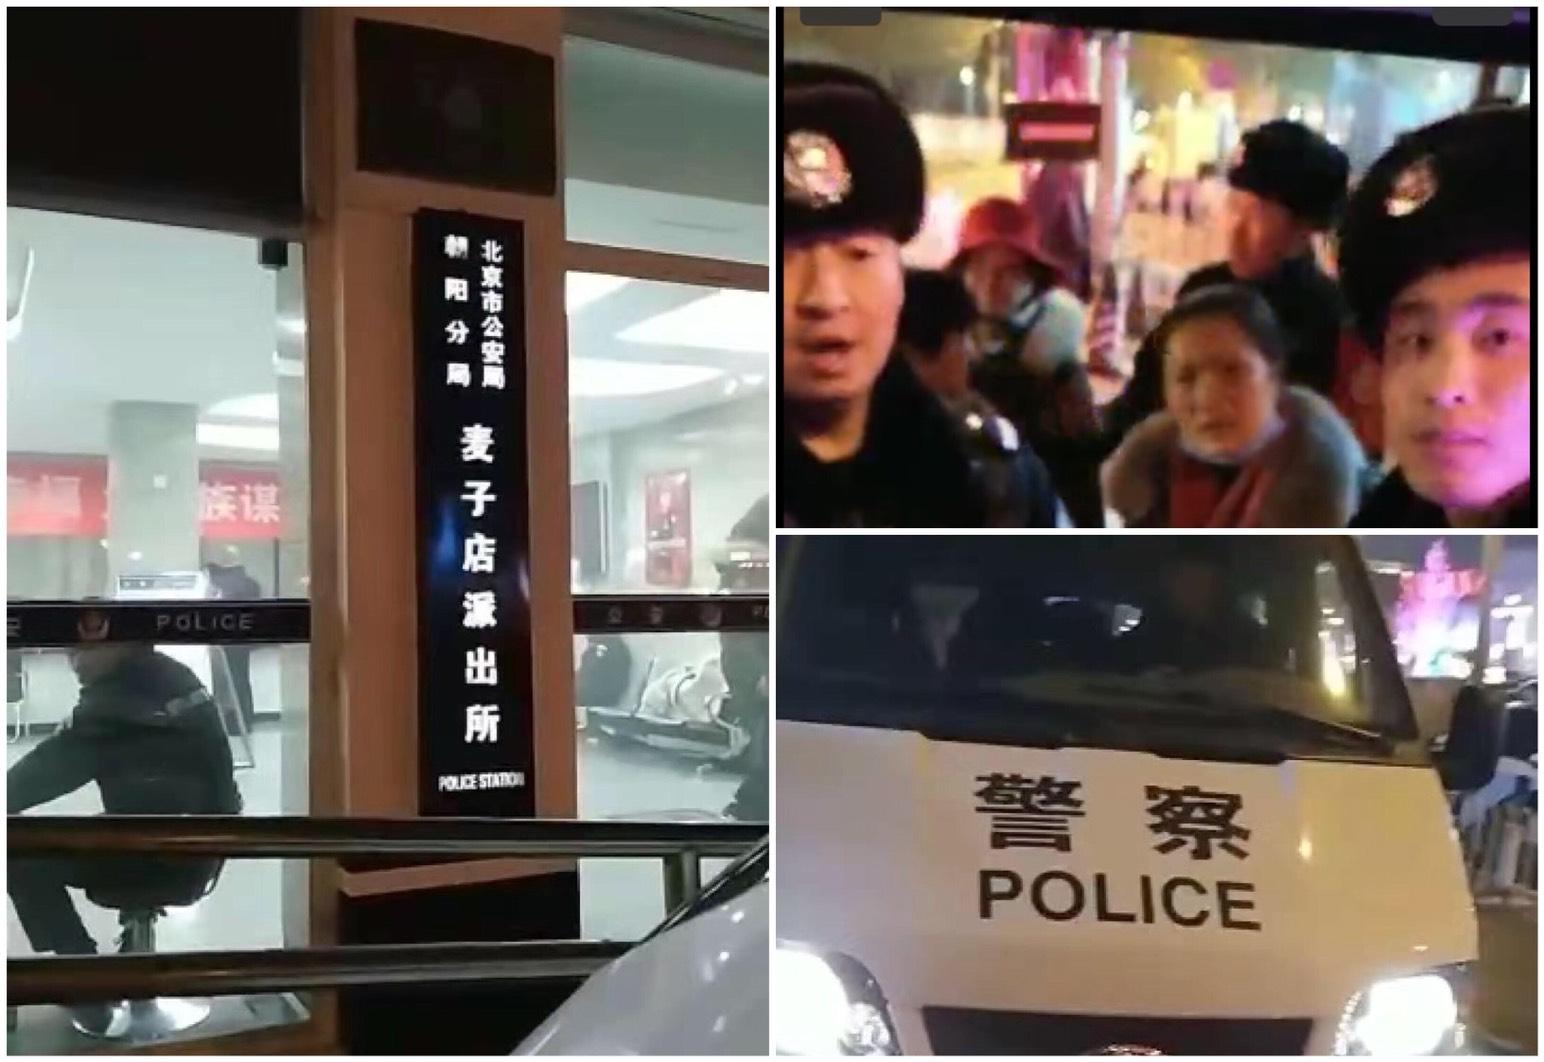 每年12月10日國際人權日,中國各地公民在12月9日參加美國駐華大使館的人權活動時被北京警方強制帶走。(維基百科圖片)